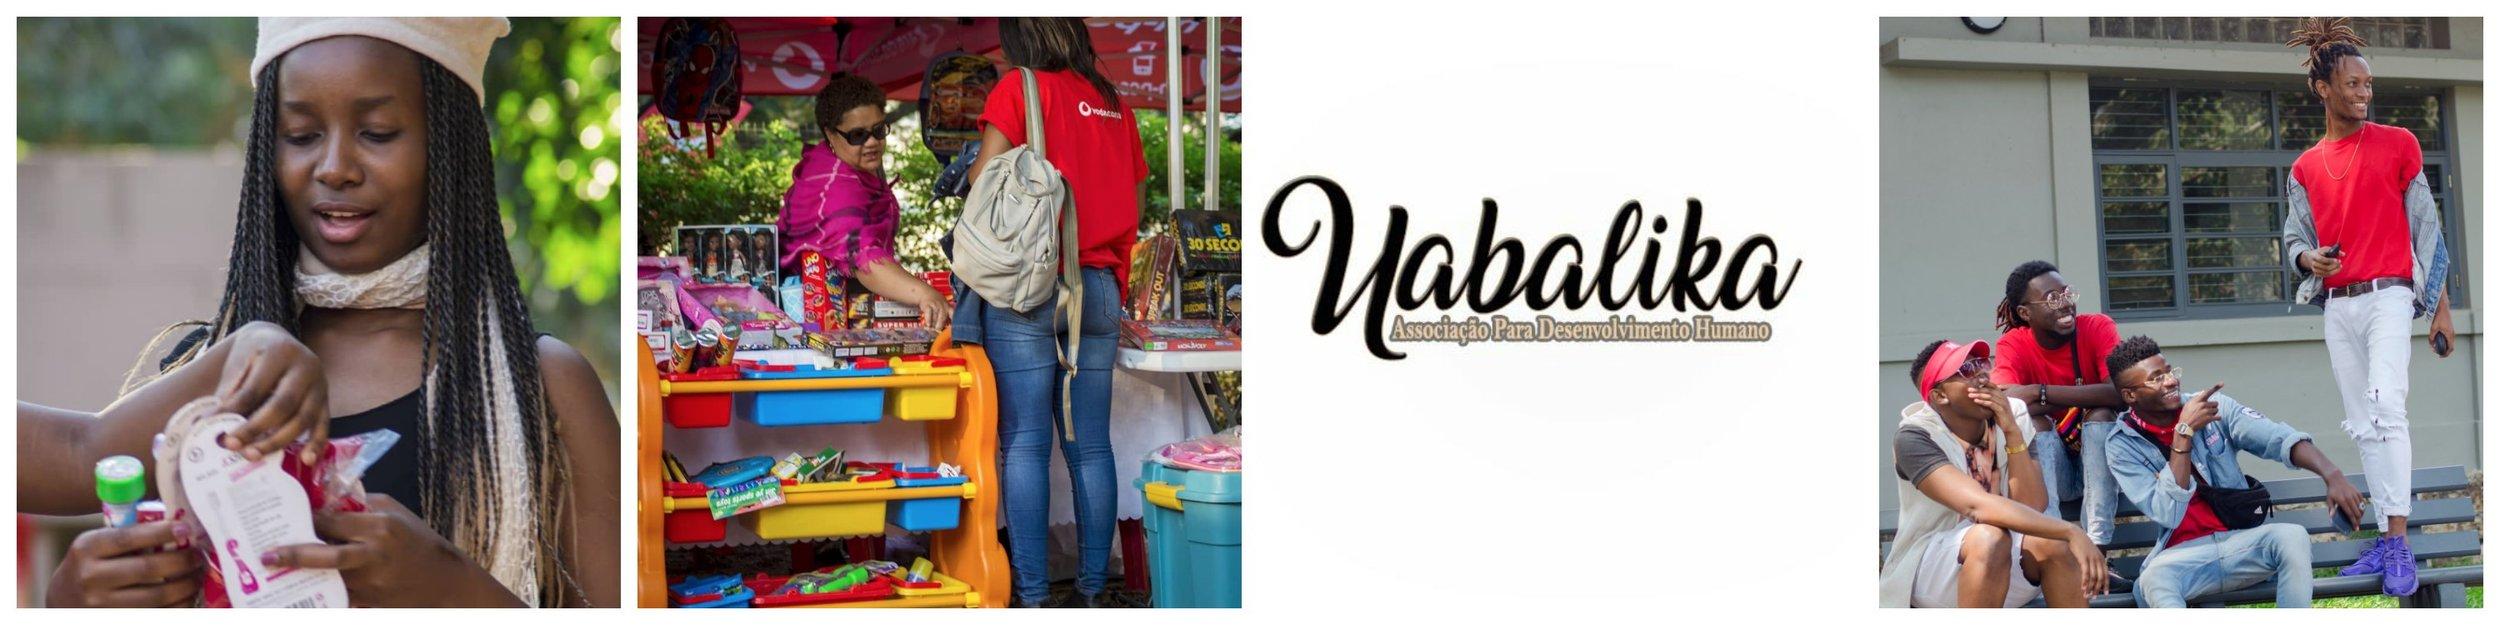 Uabalika-Collage3.jpg